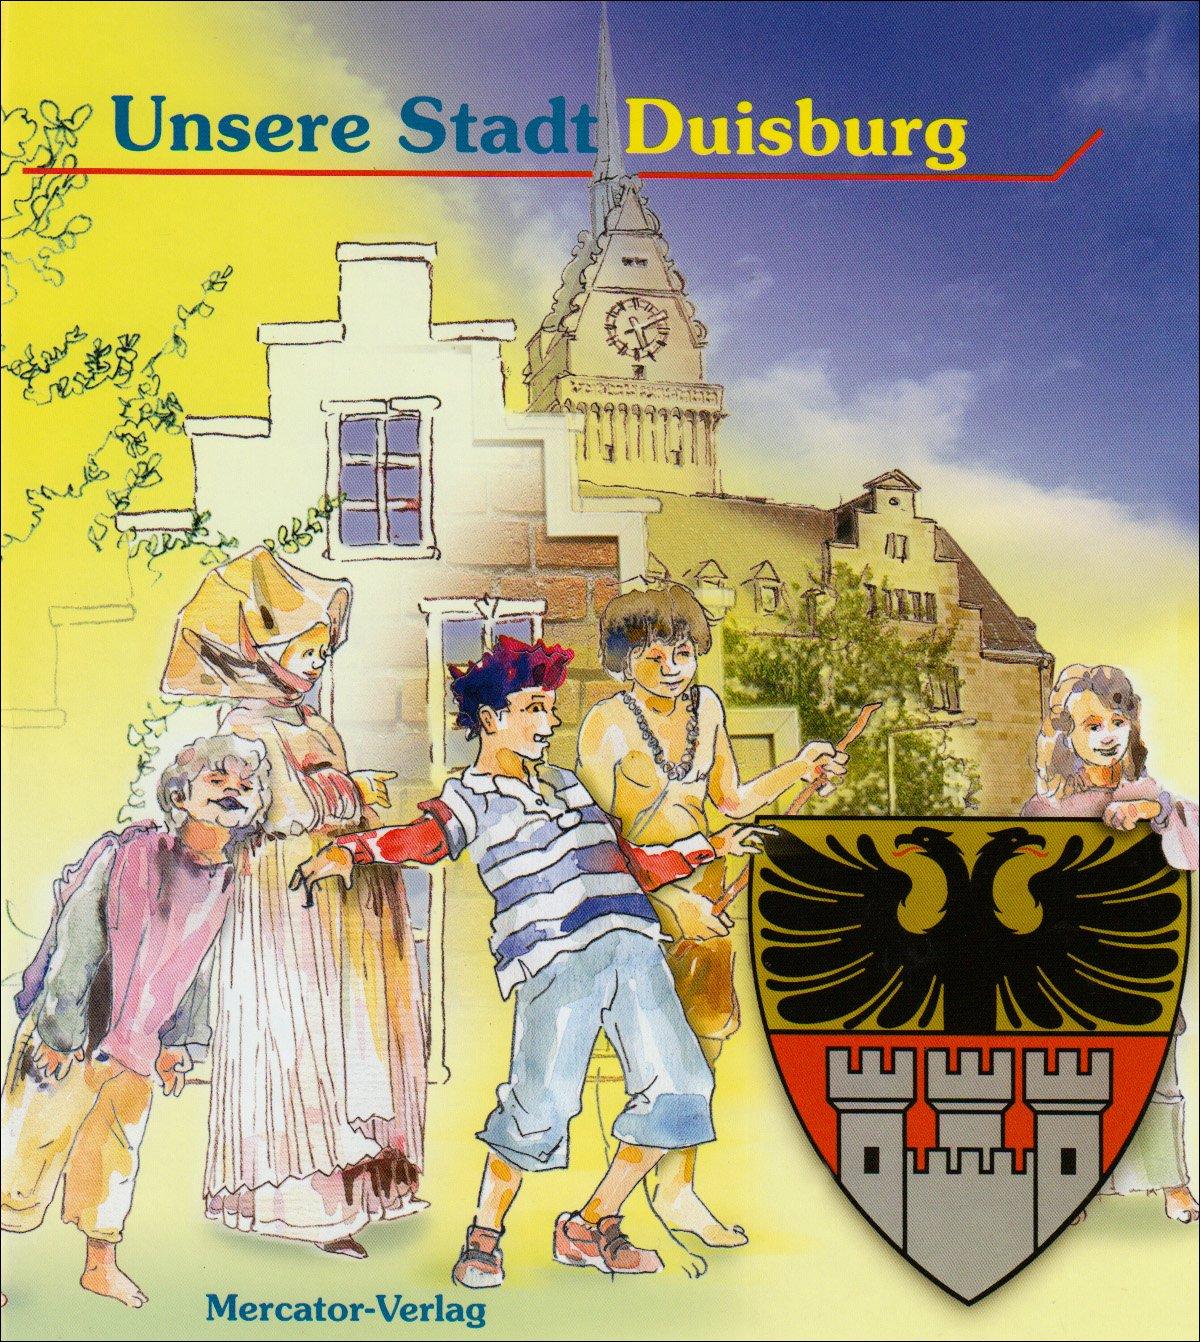 Unsere Stadt Duisburg